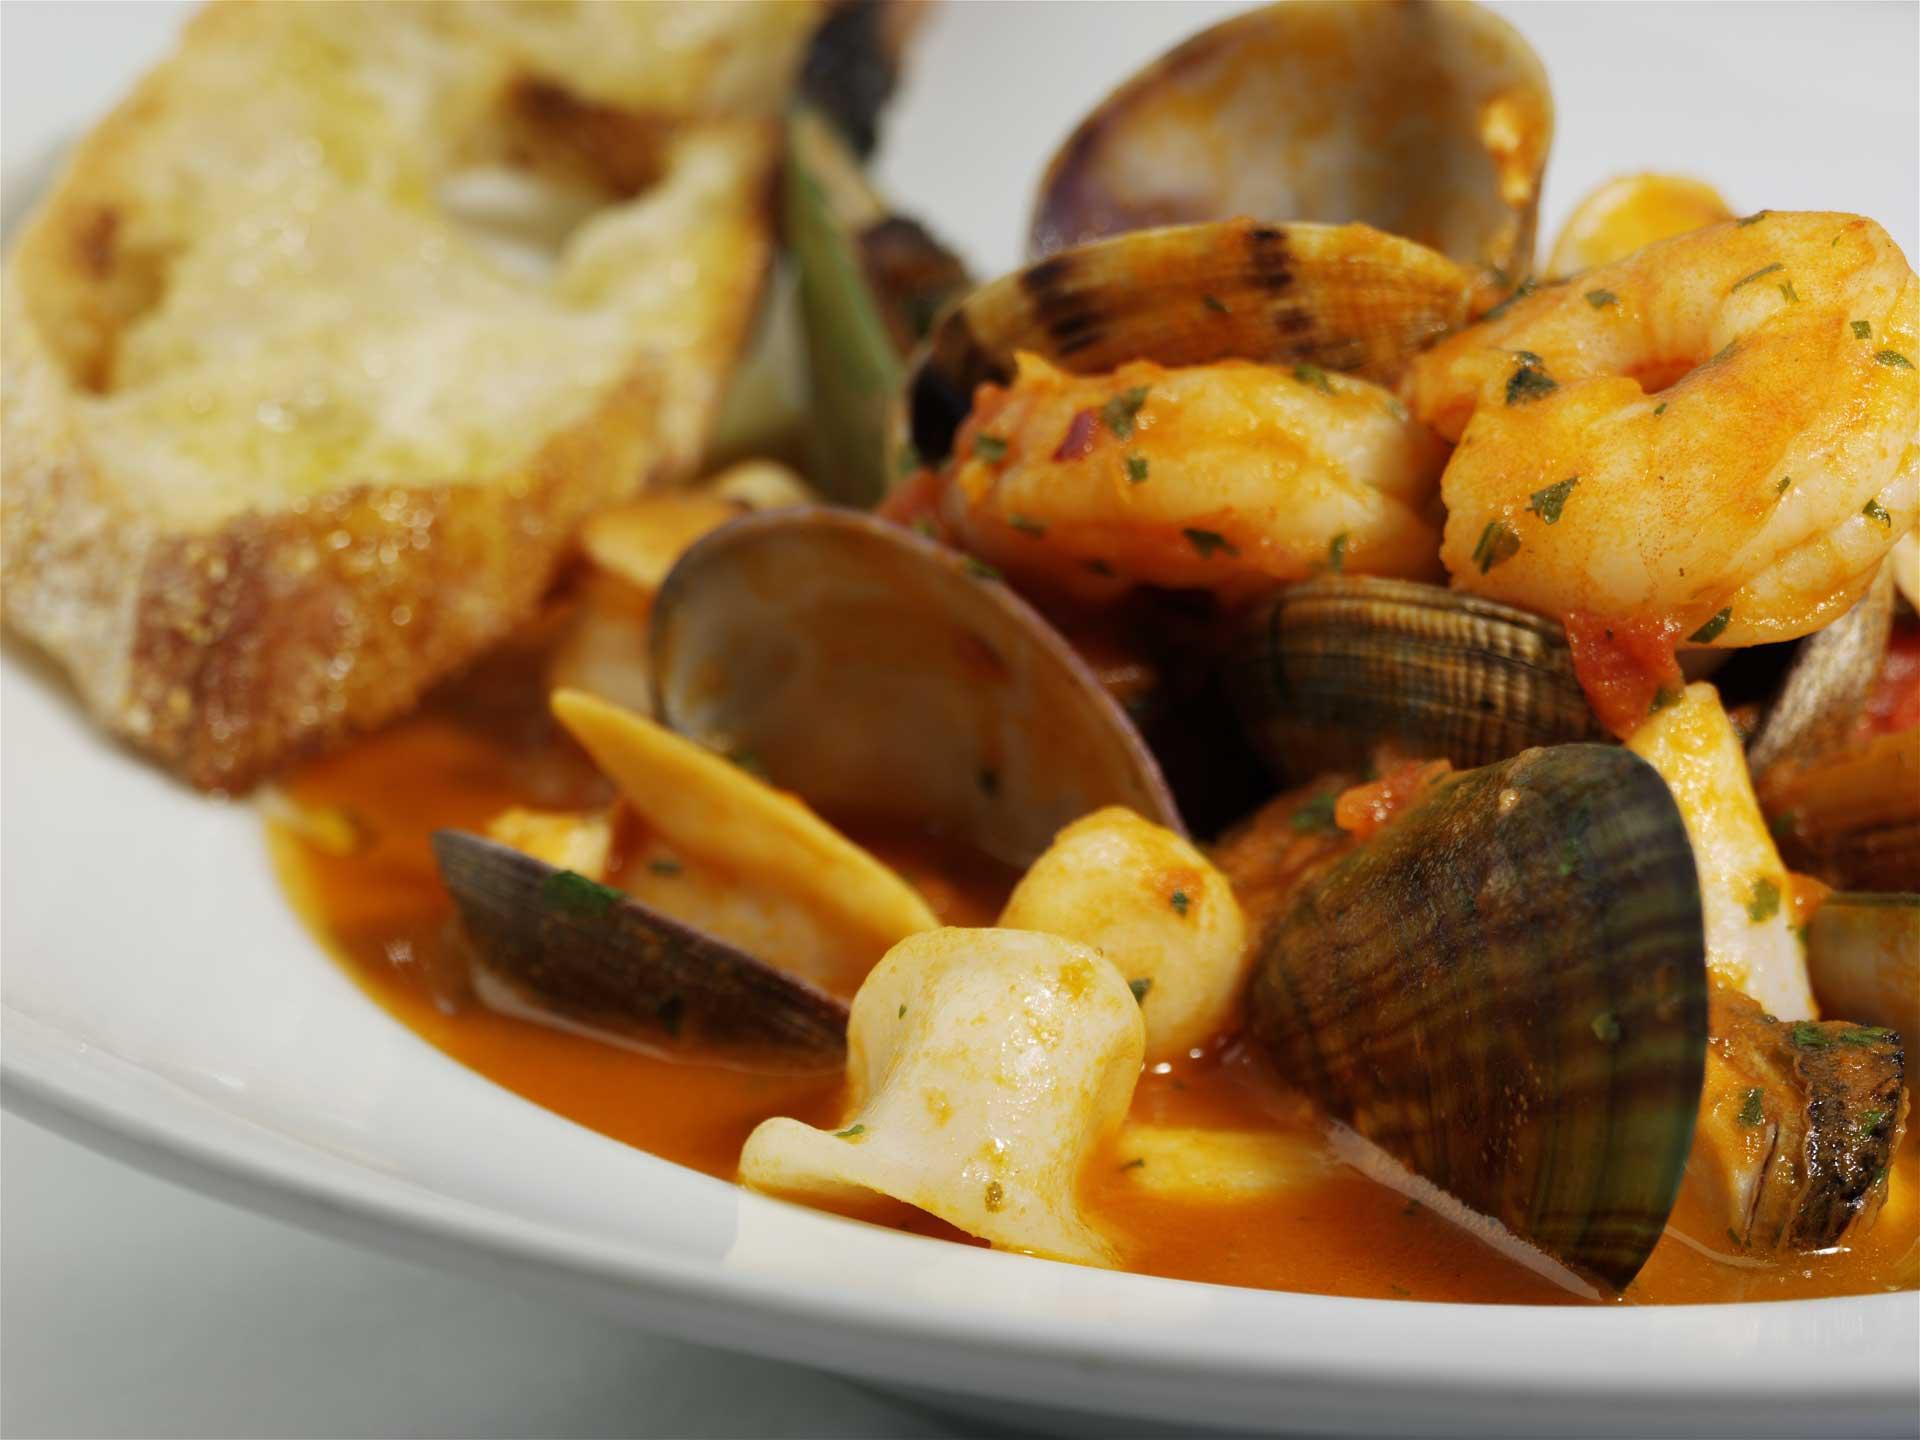 guazzetto-di-mare_array-of-seafood-in-spicy-tomato-broth